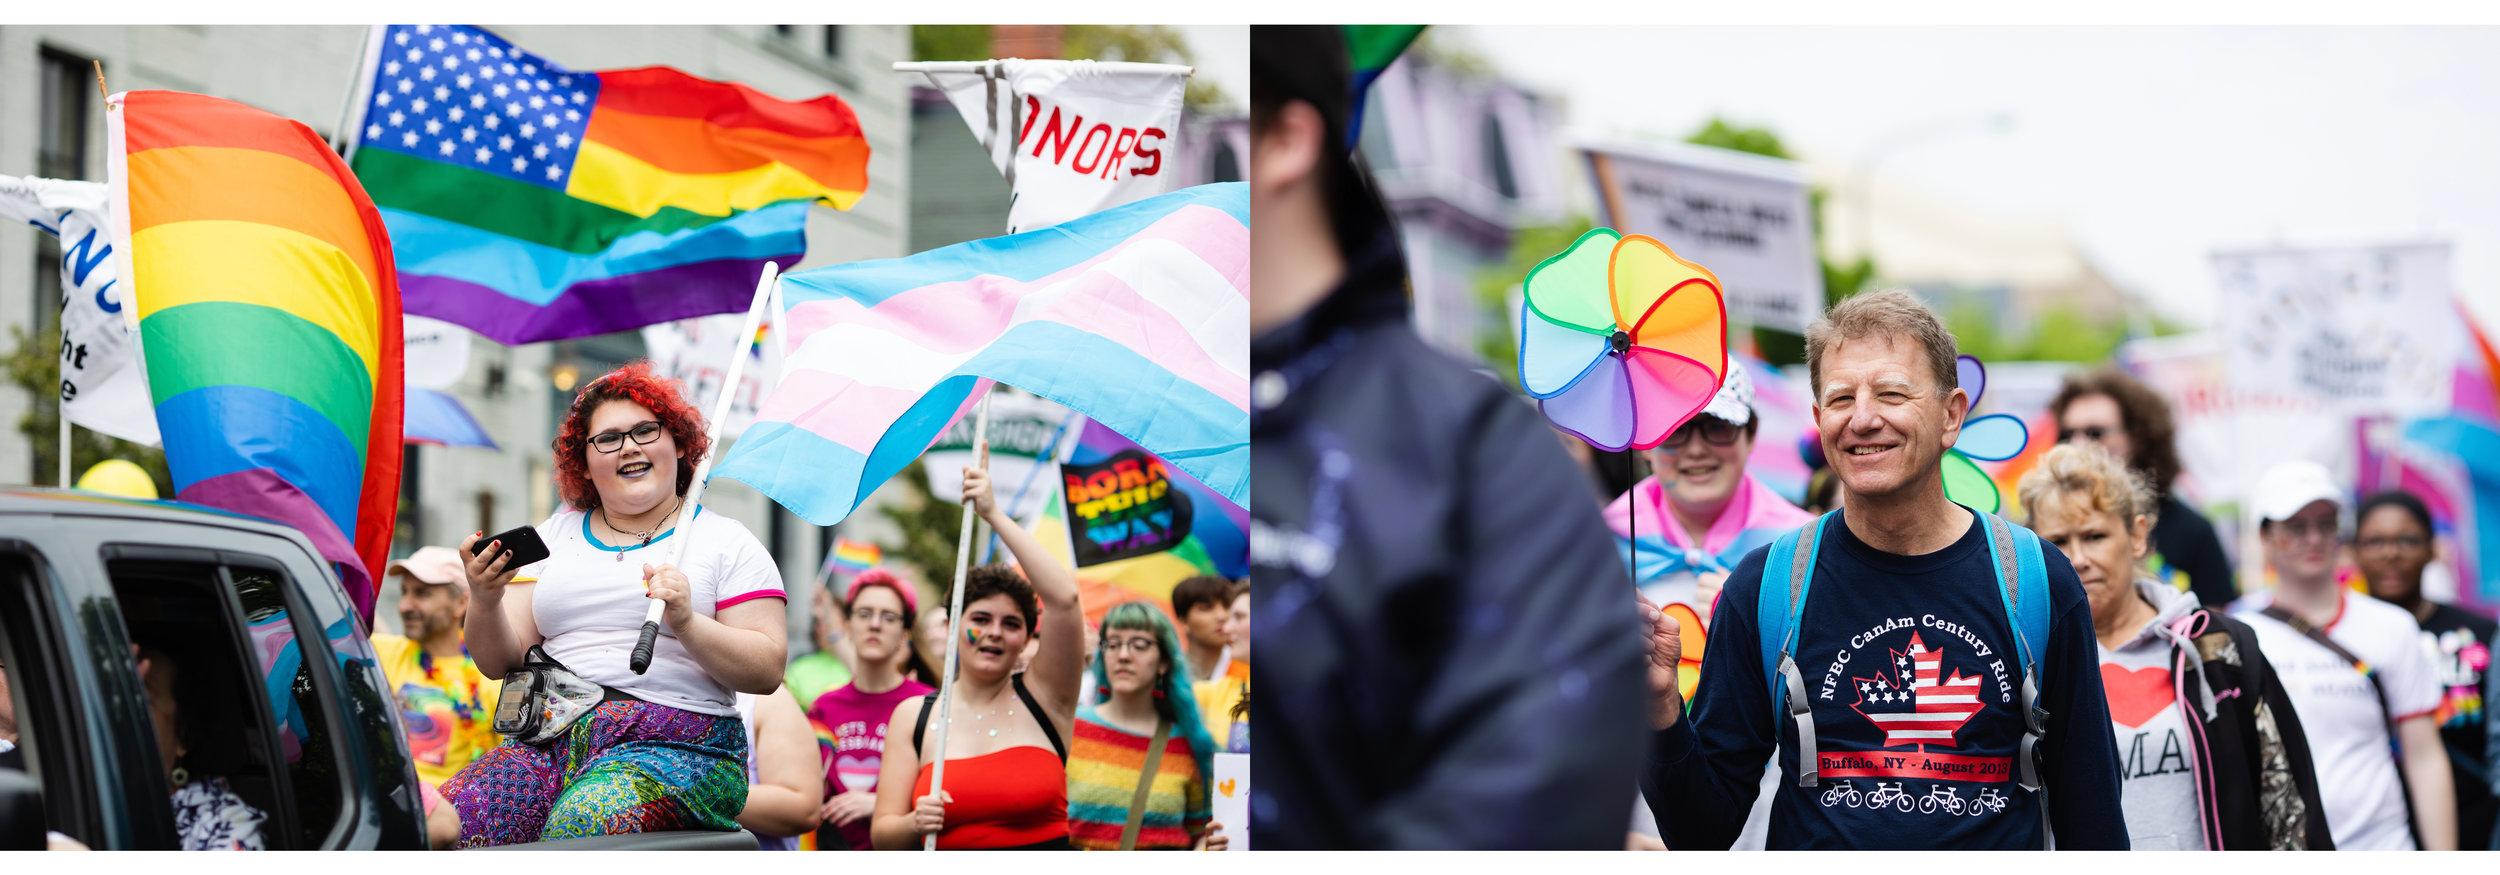 pride_2019_blog_02.jpg